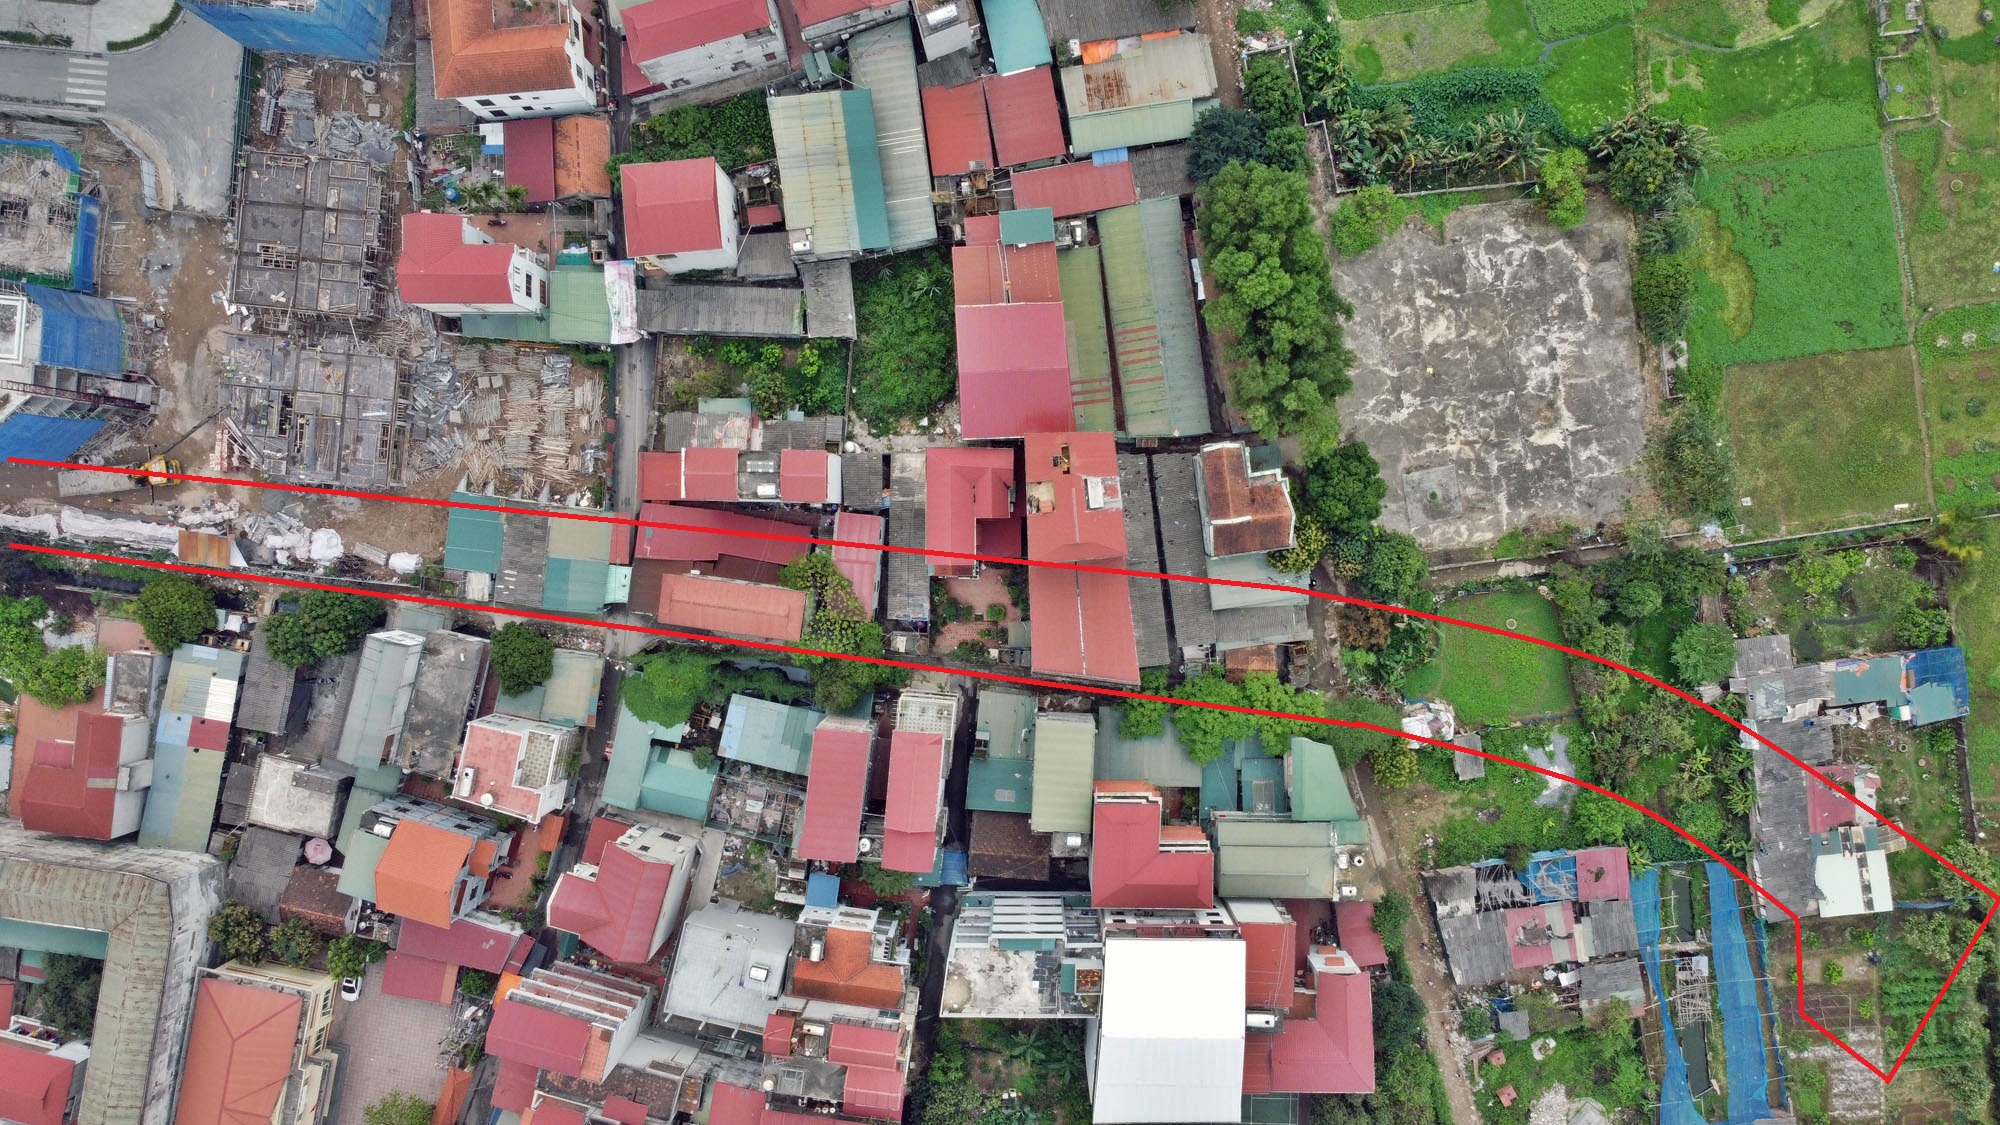 Những khu đất sắp thu hồi để mở đường ở phường Phương Canh, Nam Từ Liêm, Hà Nội (phần 1) - Ảnh 6.